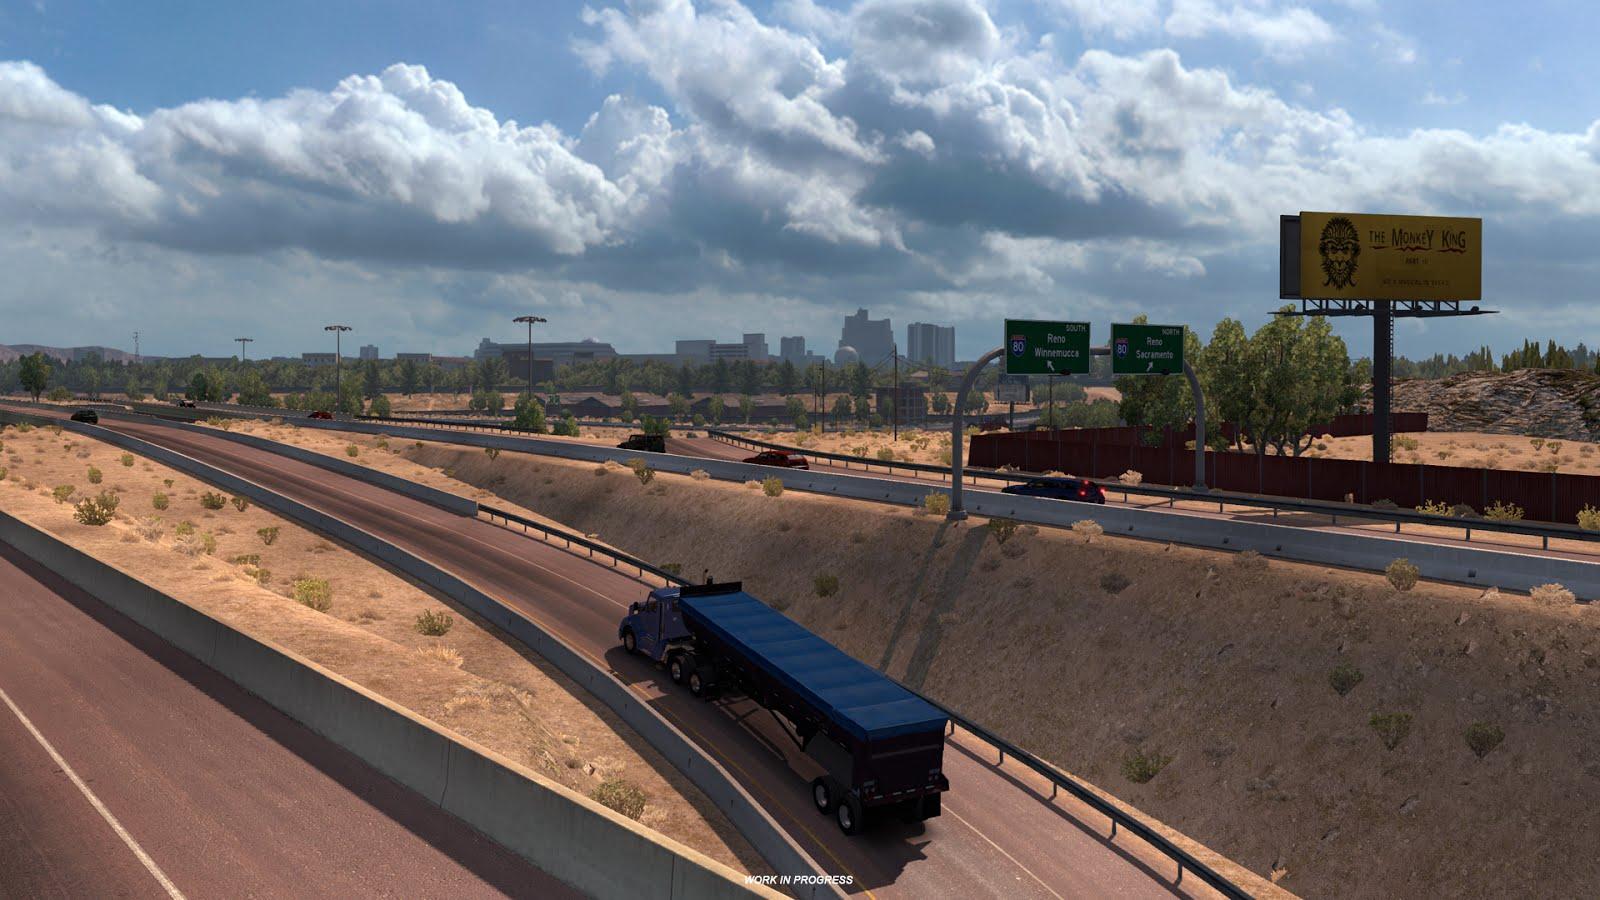 Obrazem: Změna měřítka mapy v American Truck Simulatoru 130256